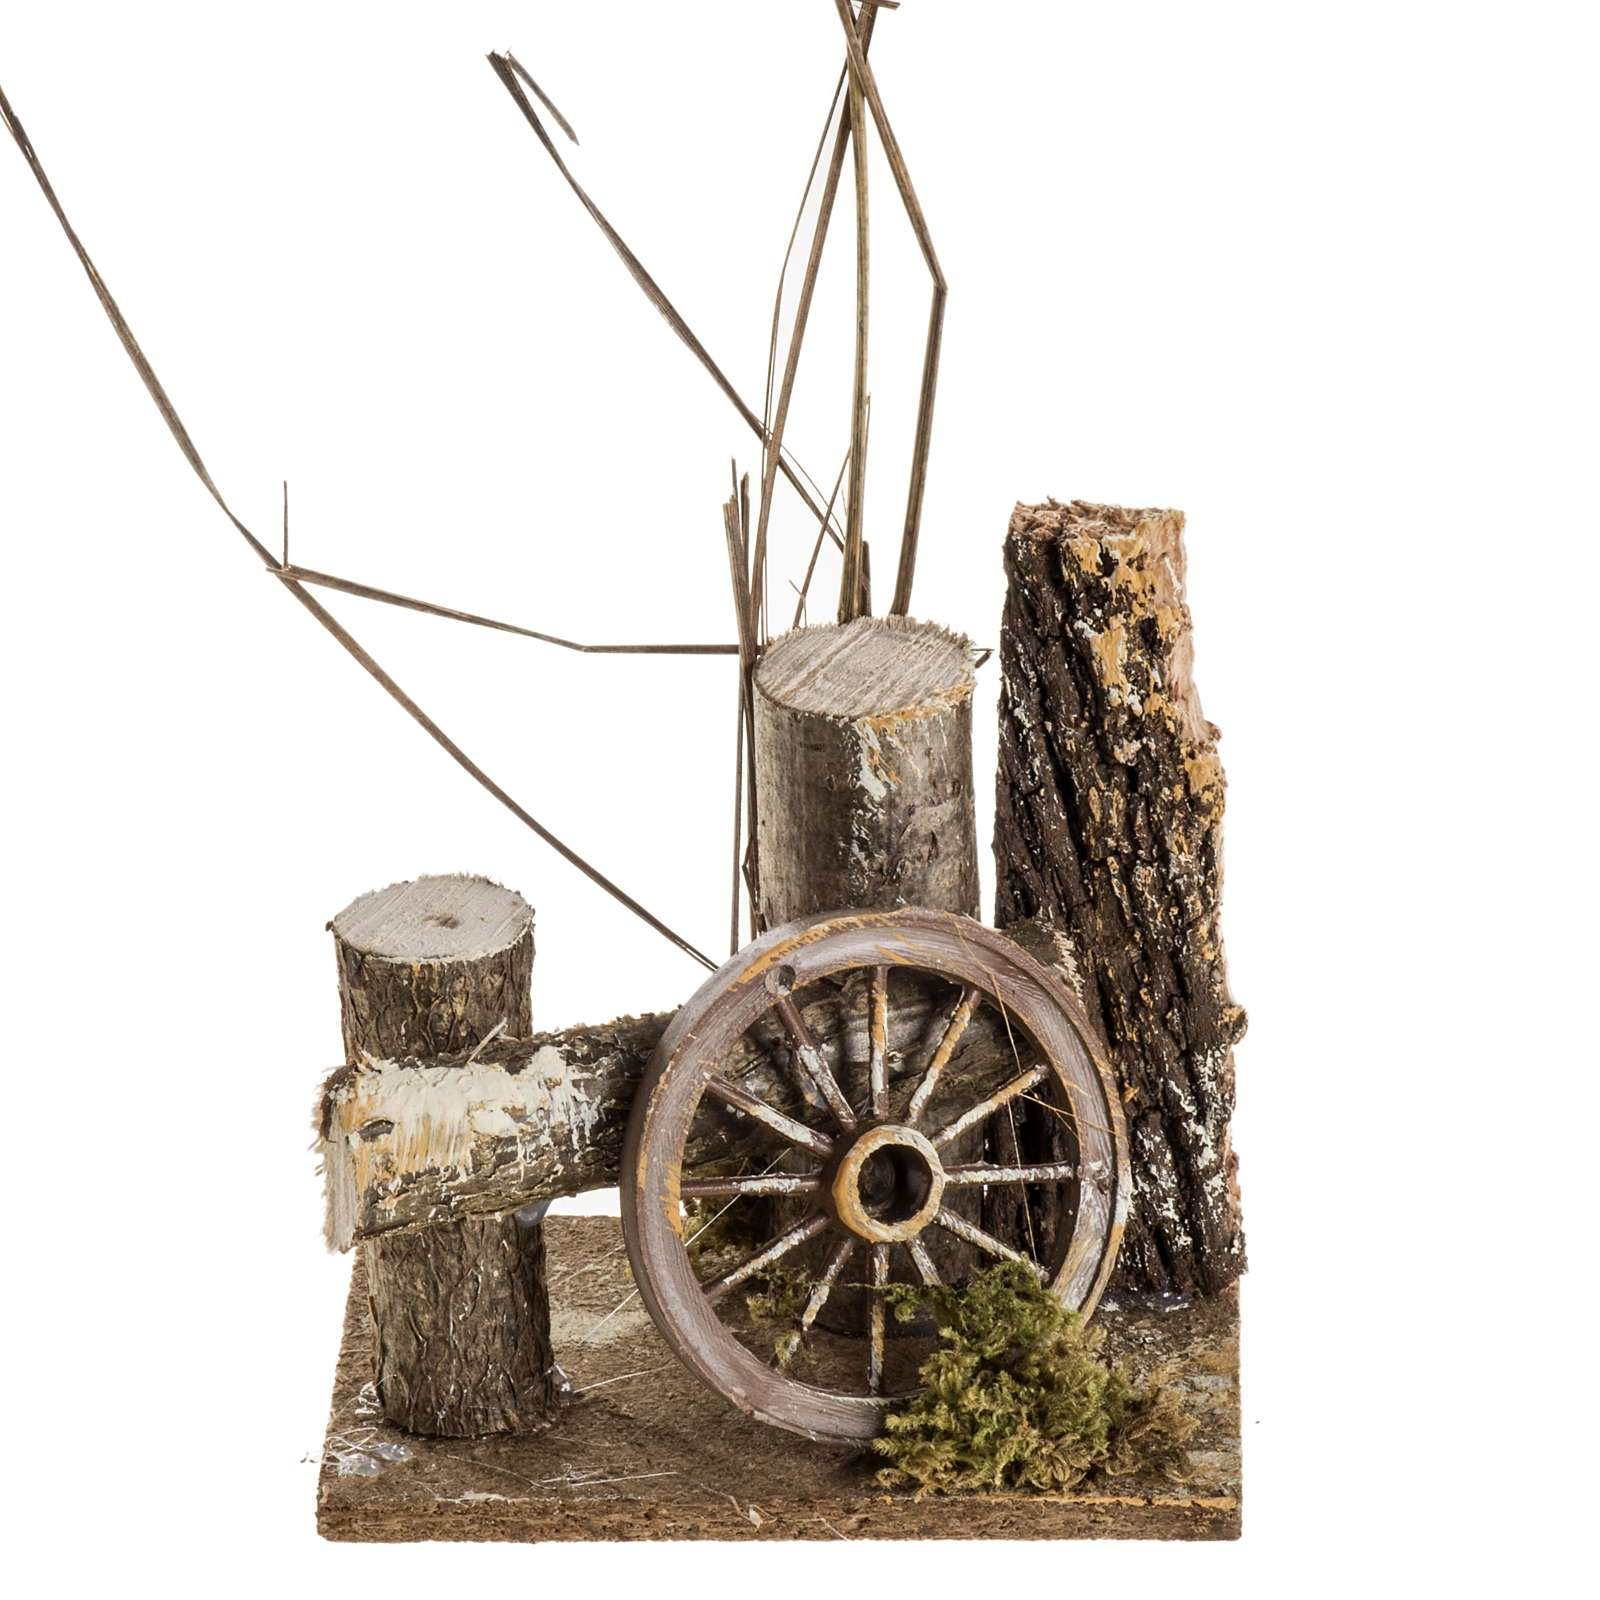 Ambientazione presepe tronchi e ruota carro 4